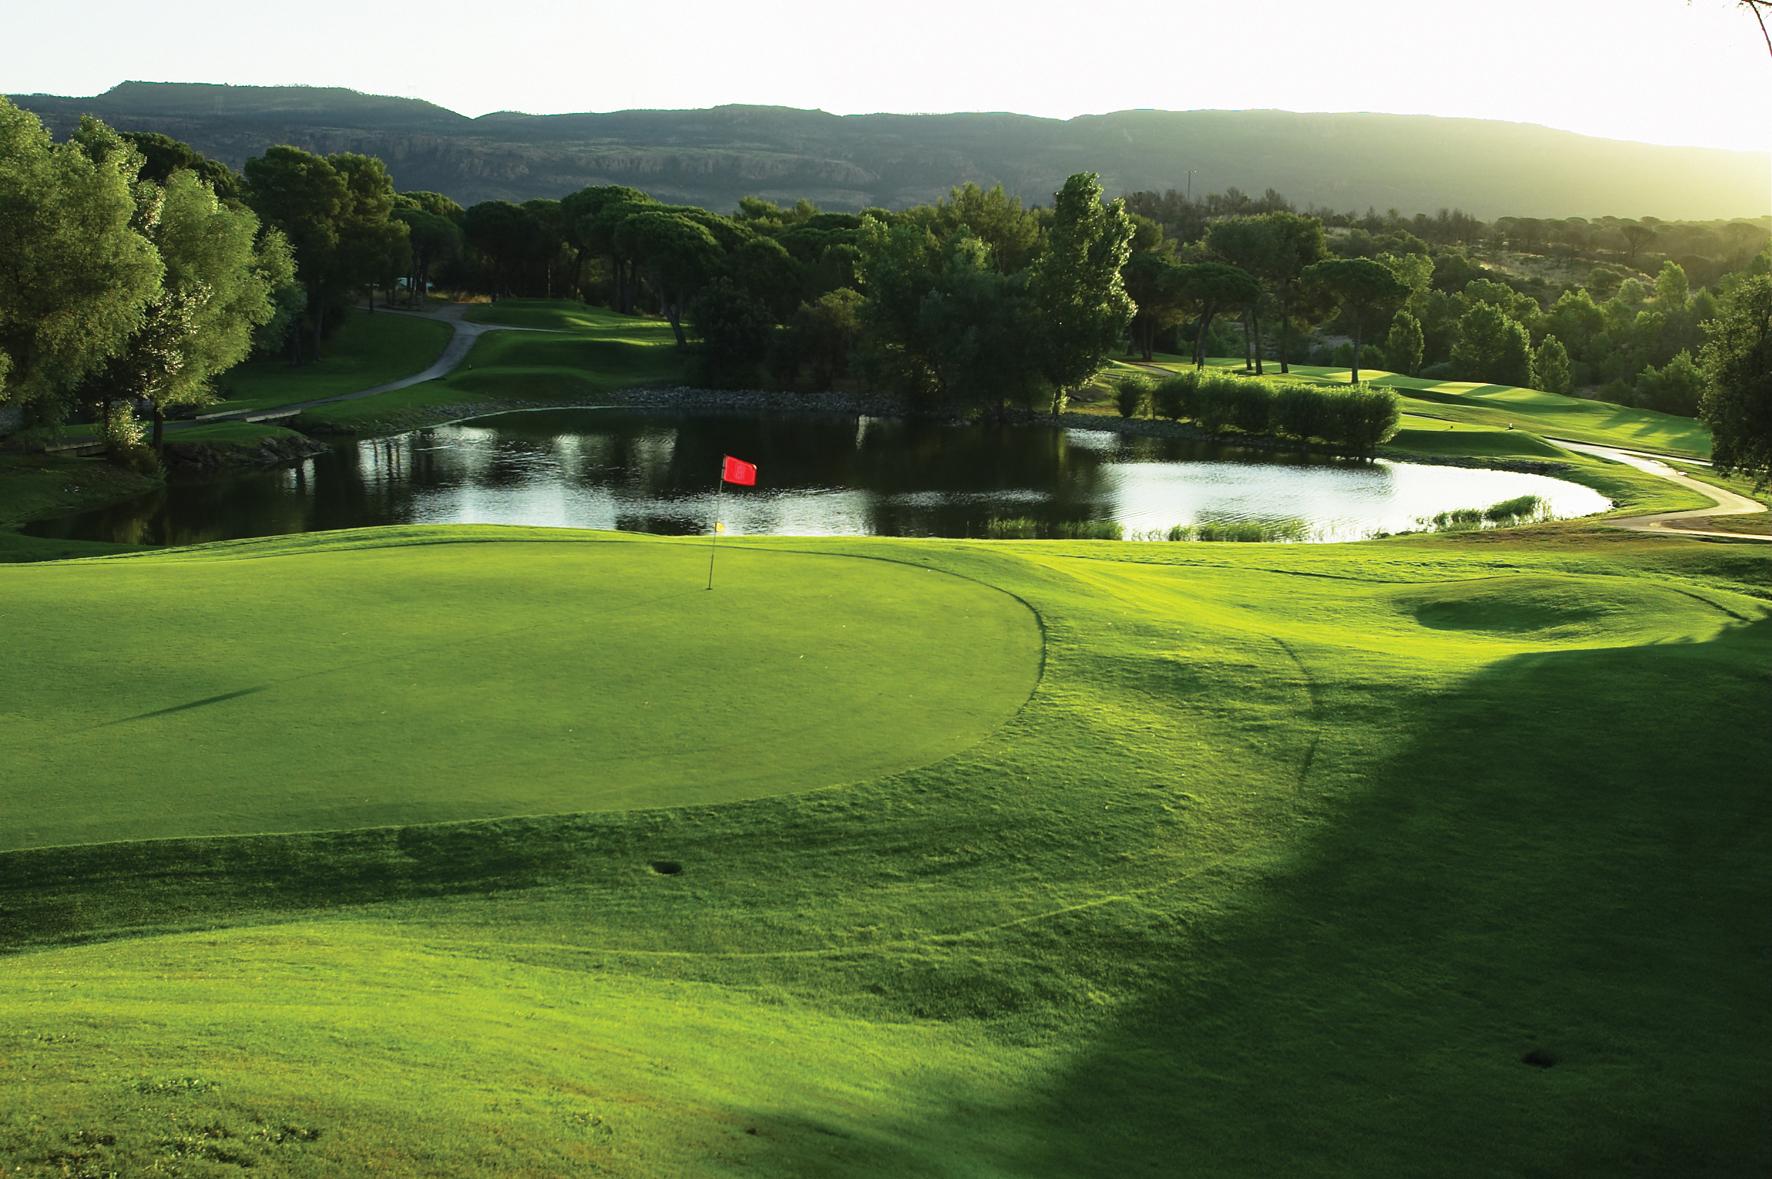 golf-expedition-golf-reizen-frankrijk-regio-cote-d'azur-Les-Domaines-de-Saint-Endréol-Golf-en-Spa-Resort-golfbaan-met-water-hazard